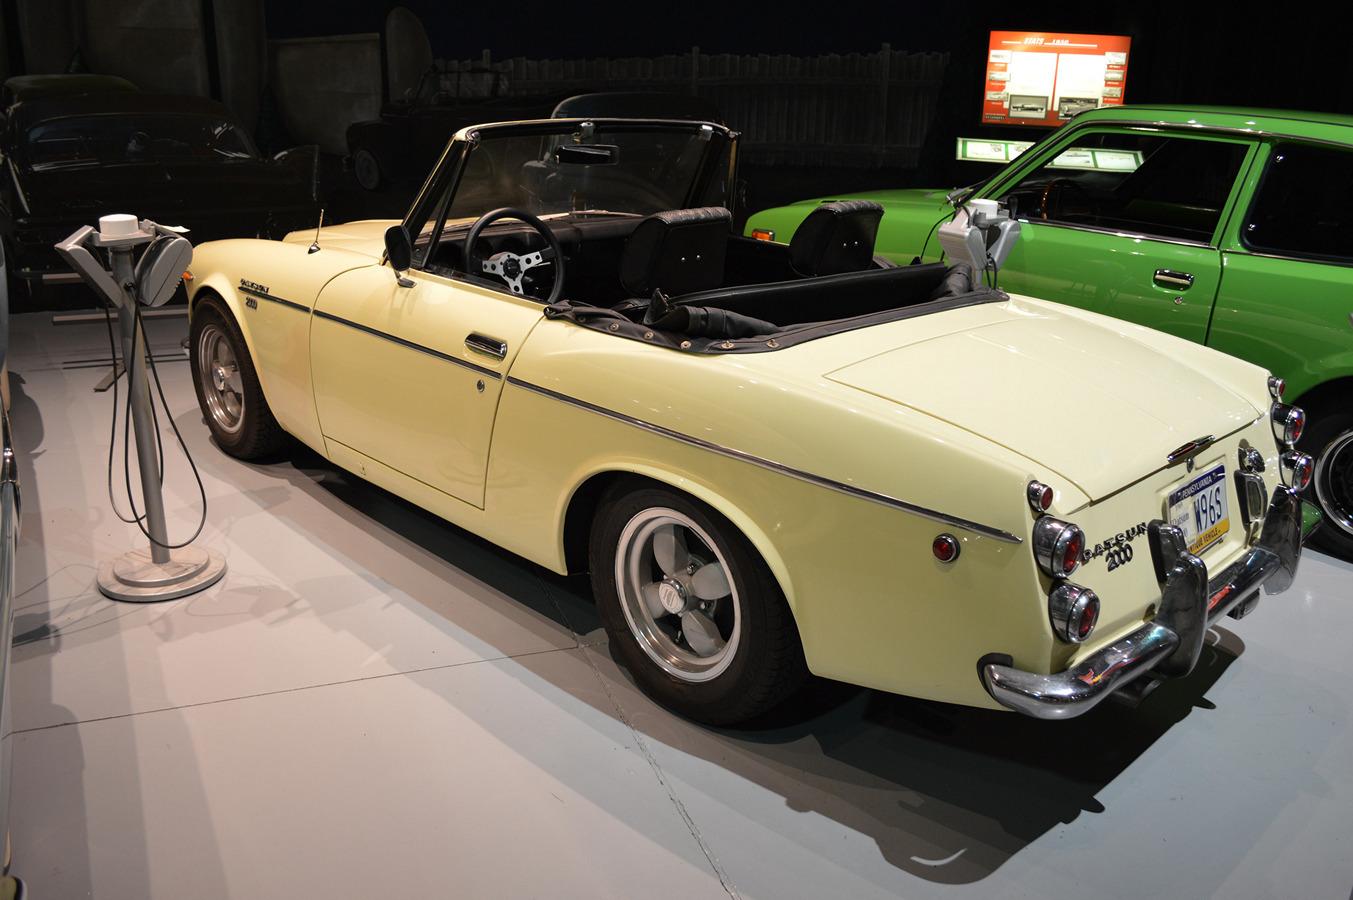 Datsun Sports 2000, Nissan U20, RWD, klasyczne roadstery, stare samochody bez dachu, klimat dawnych lat, stara motoryzacja, JDM, zdjęcia